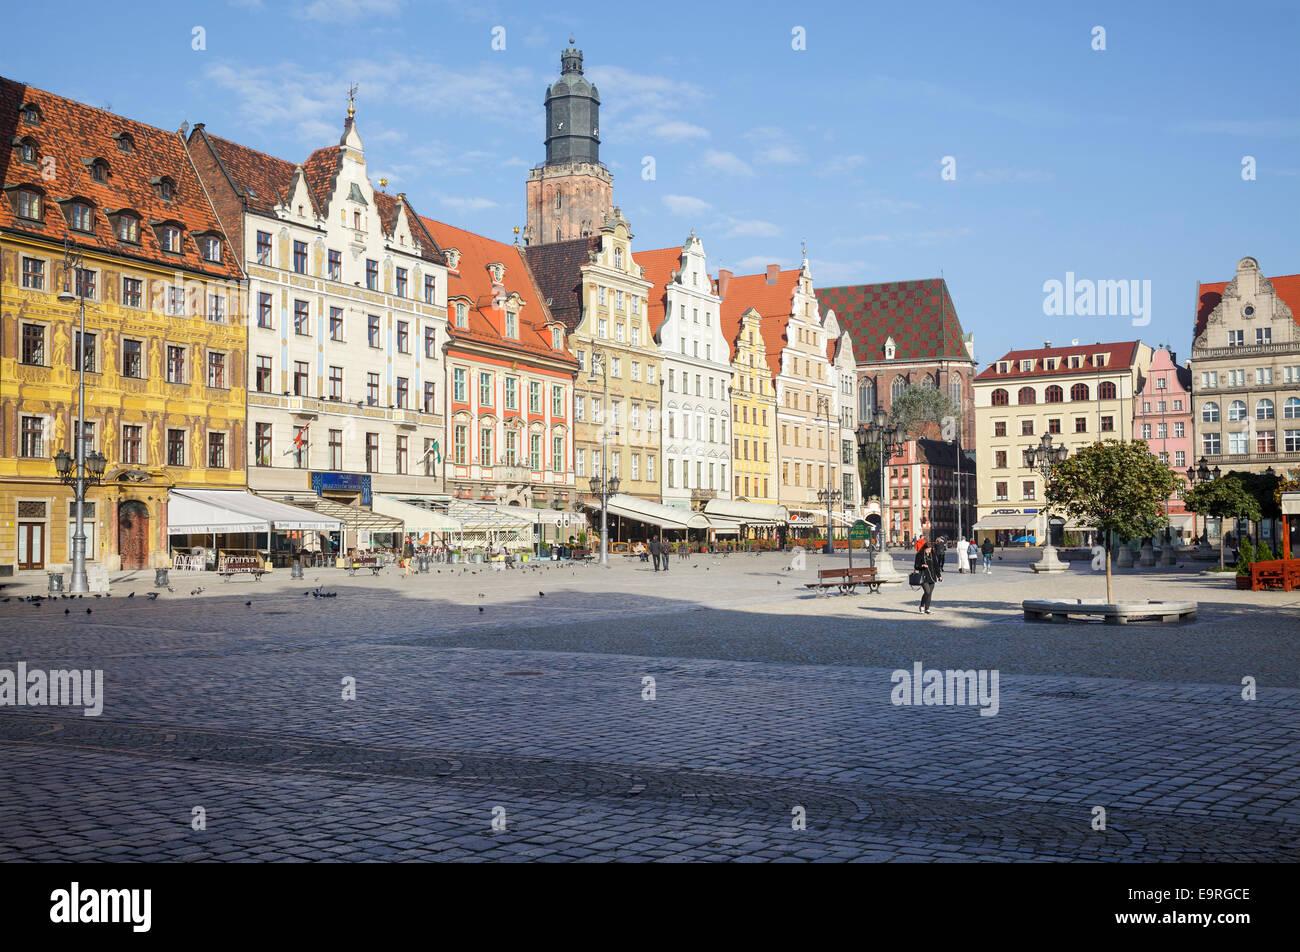 Market Square Rynek we Wrocławiu, Wroclaw, Poland - Stock Image